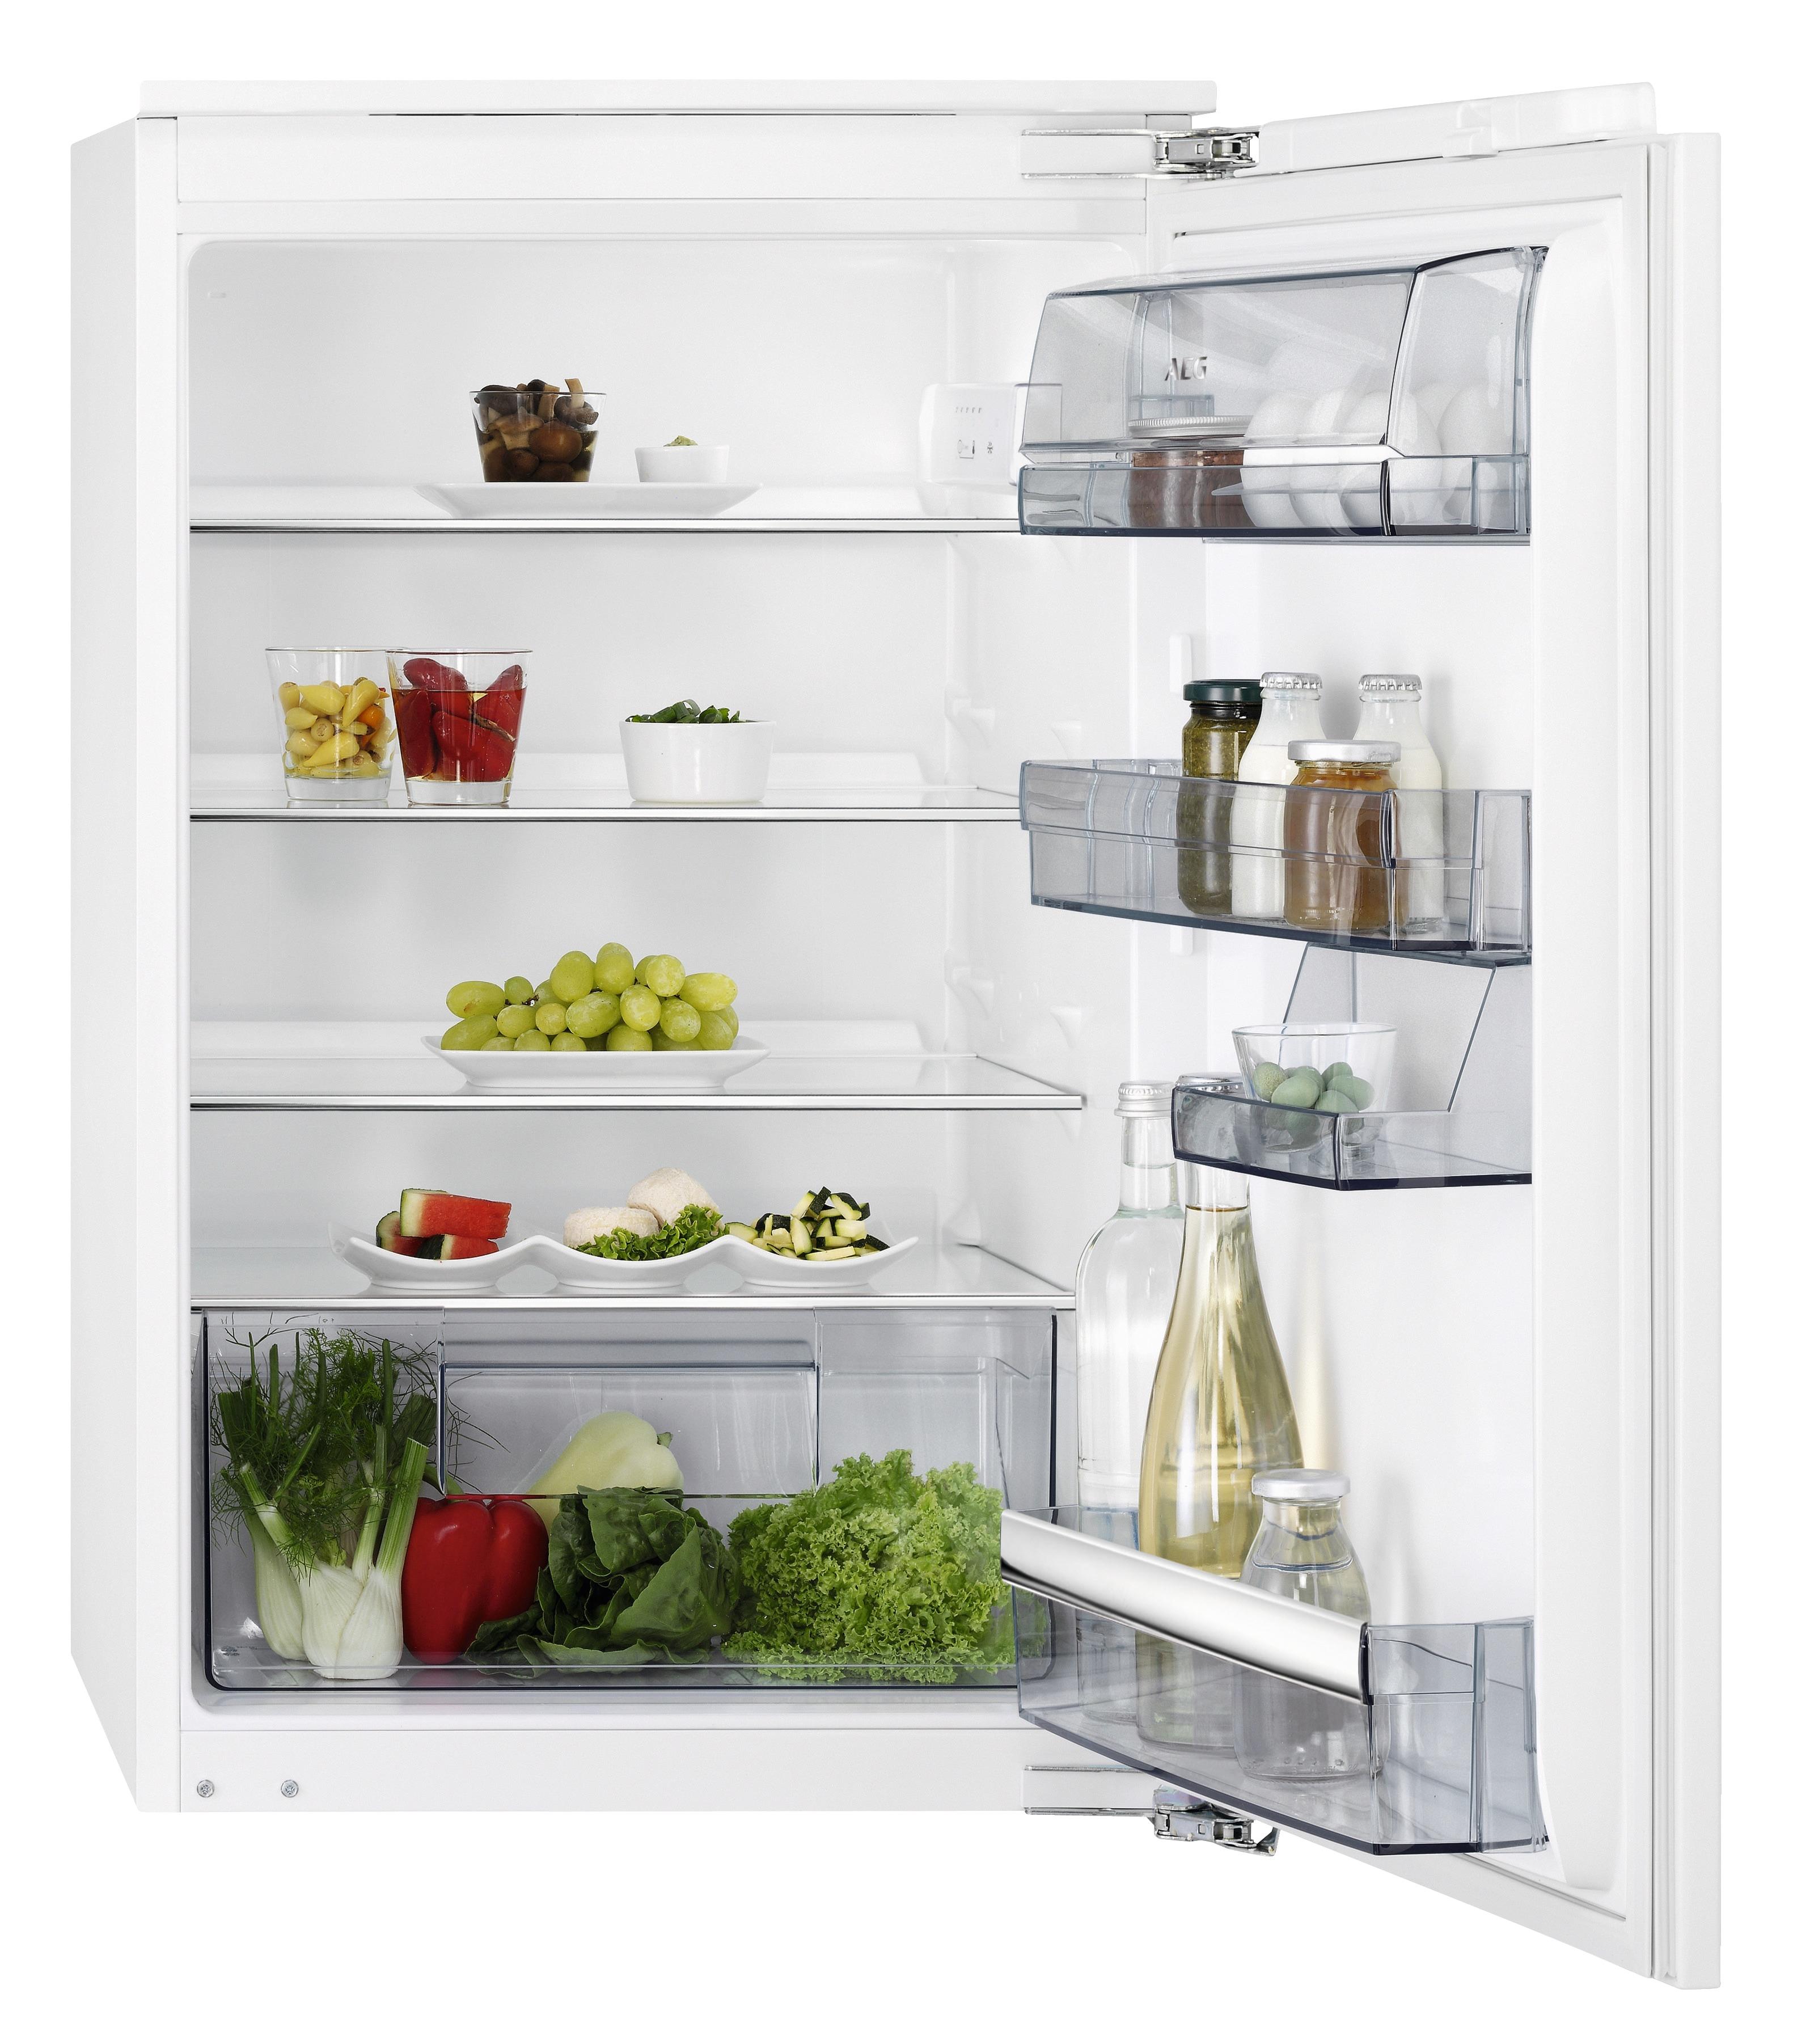 AEG SKB688E1AF Inbouw koelkast Wit